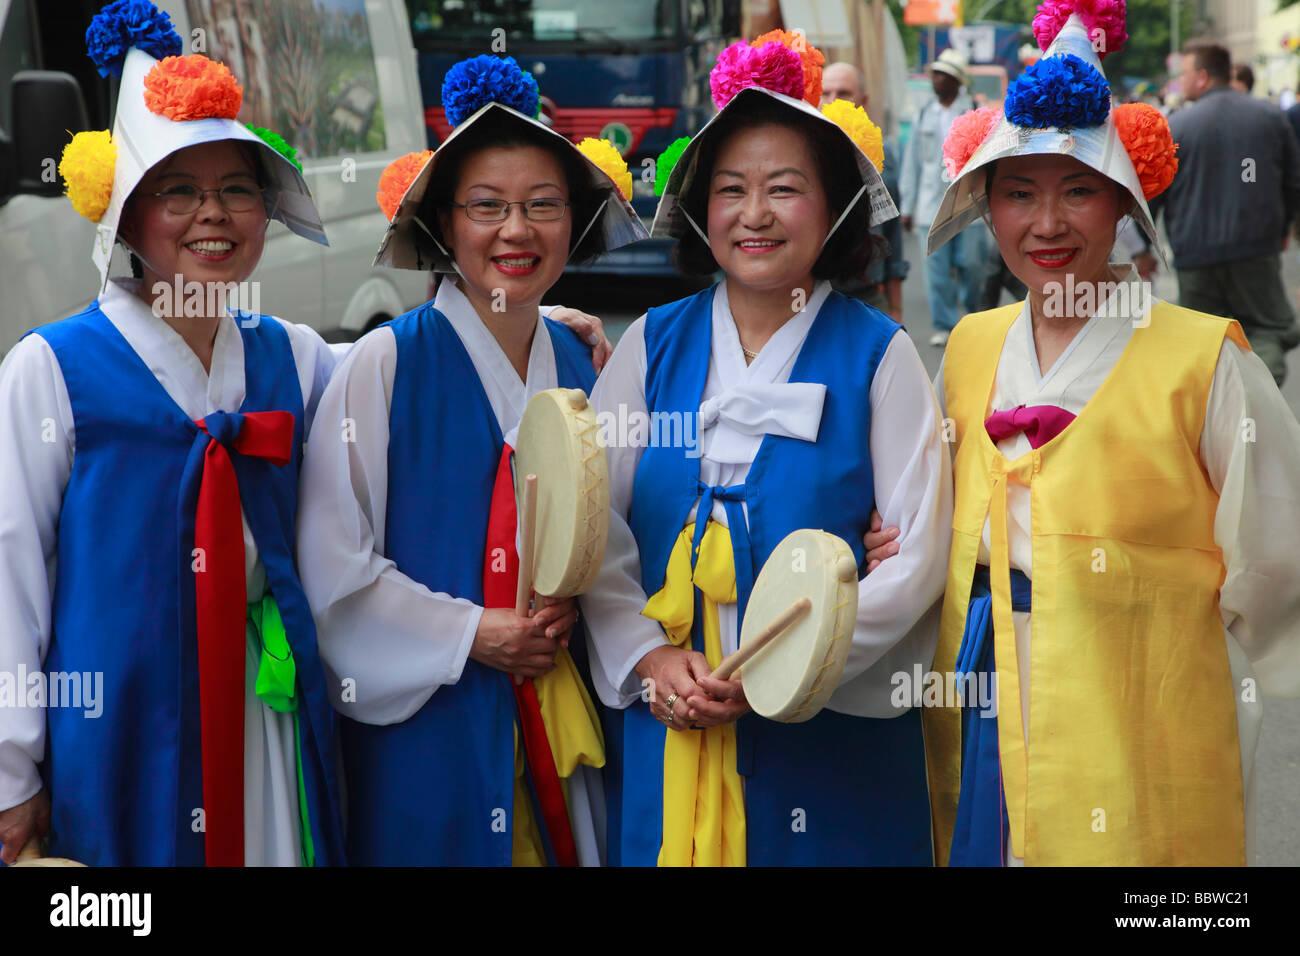 Alemania Berlín Carnaval de las culturas las mujeres coreanas en traje tradicional Imagen De Stock